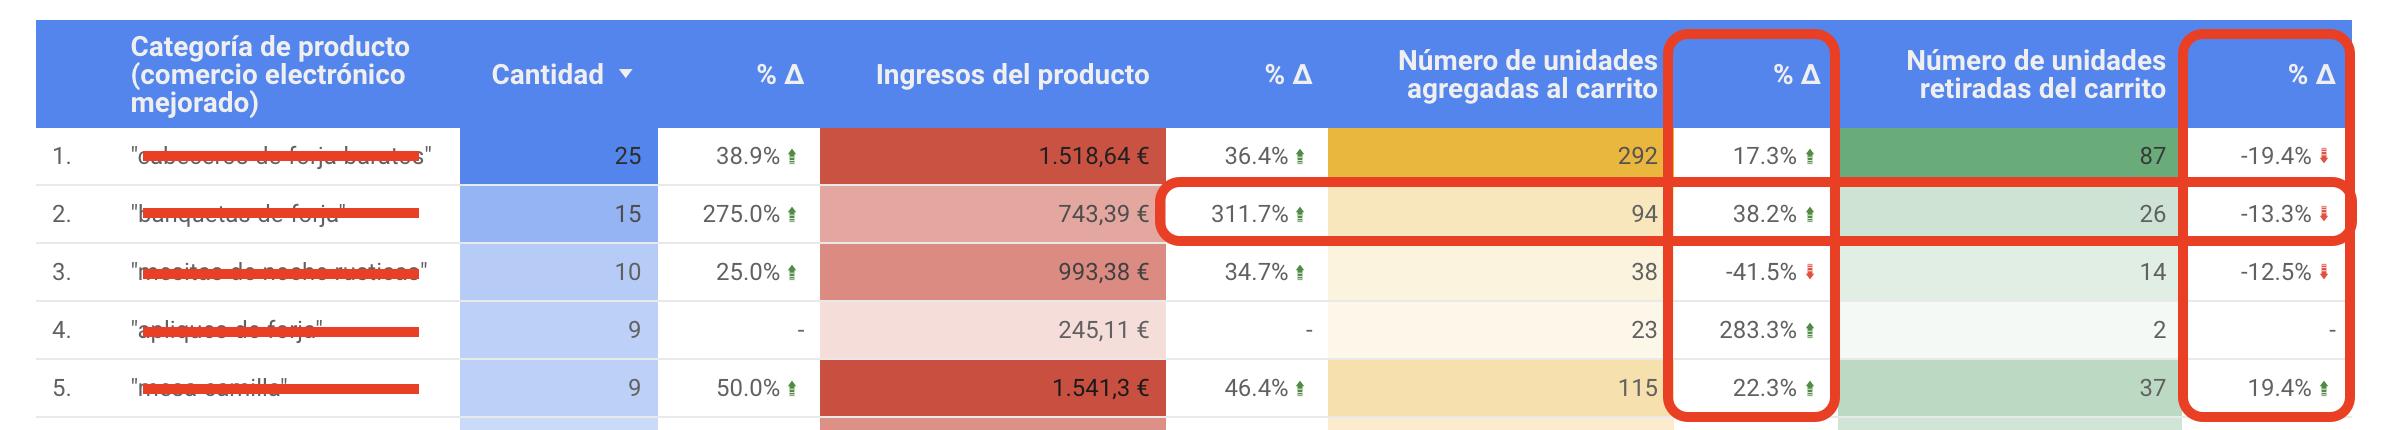 datos cruzados de ventas